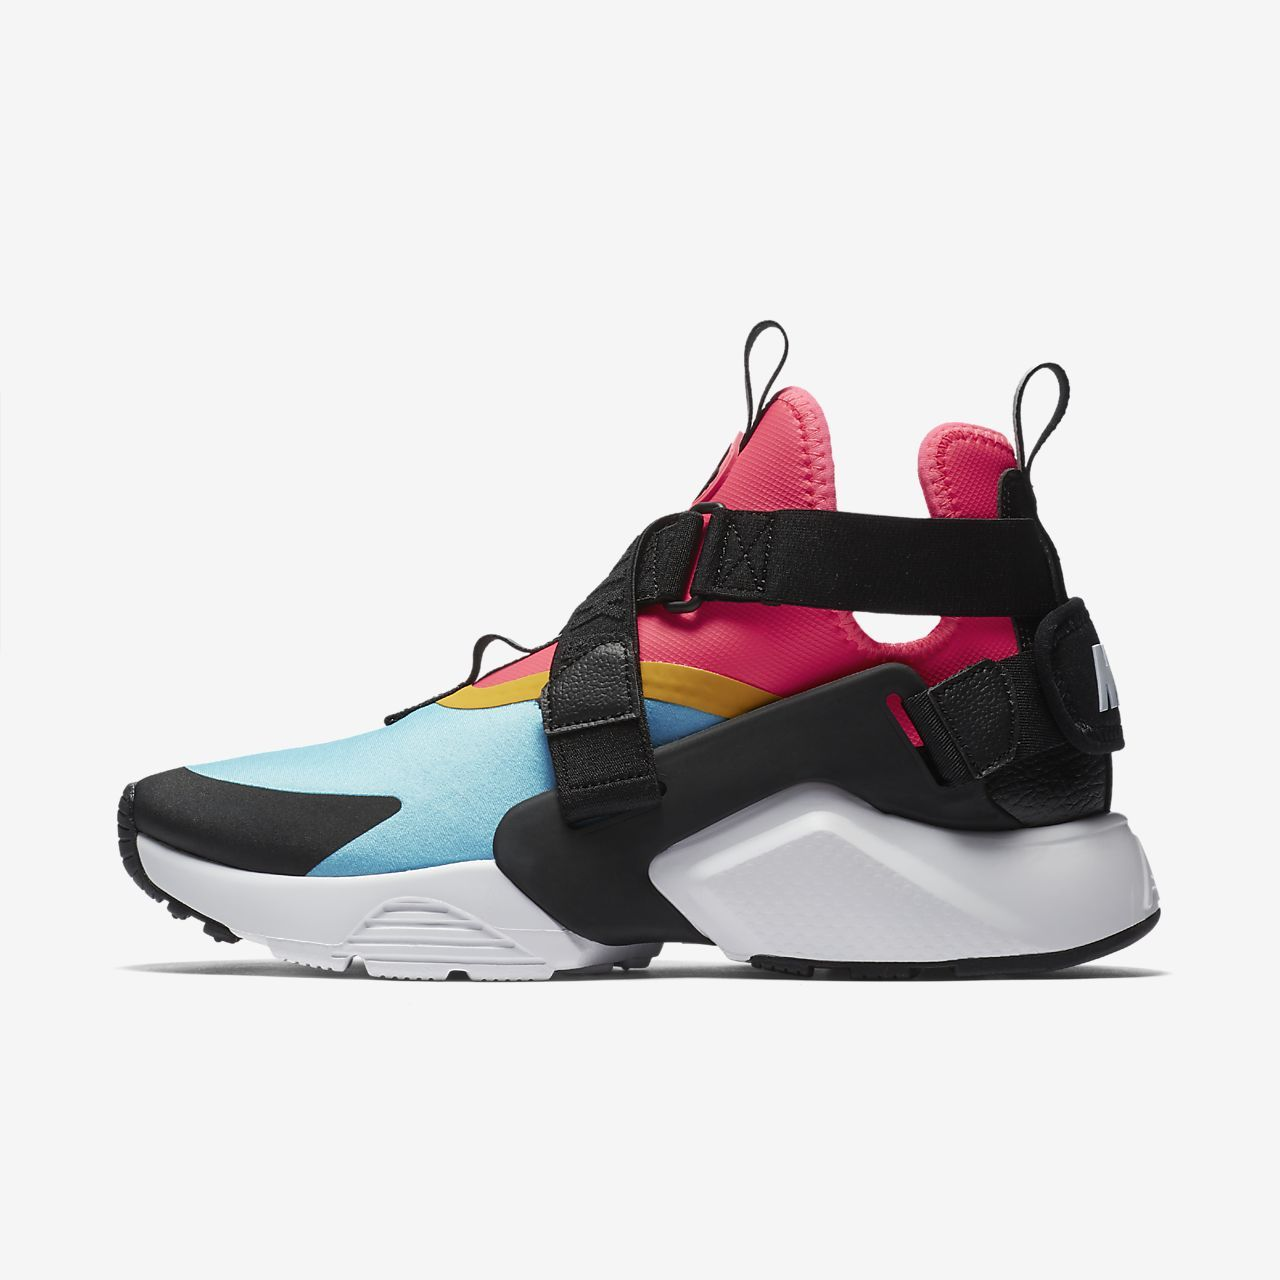 11ed467a67d67b Air Huarache City Women s Shoe in 2019